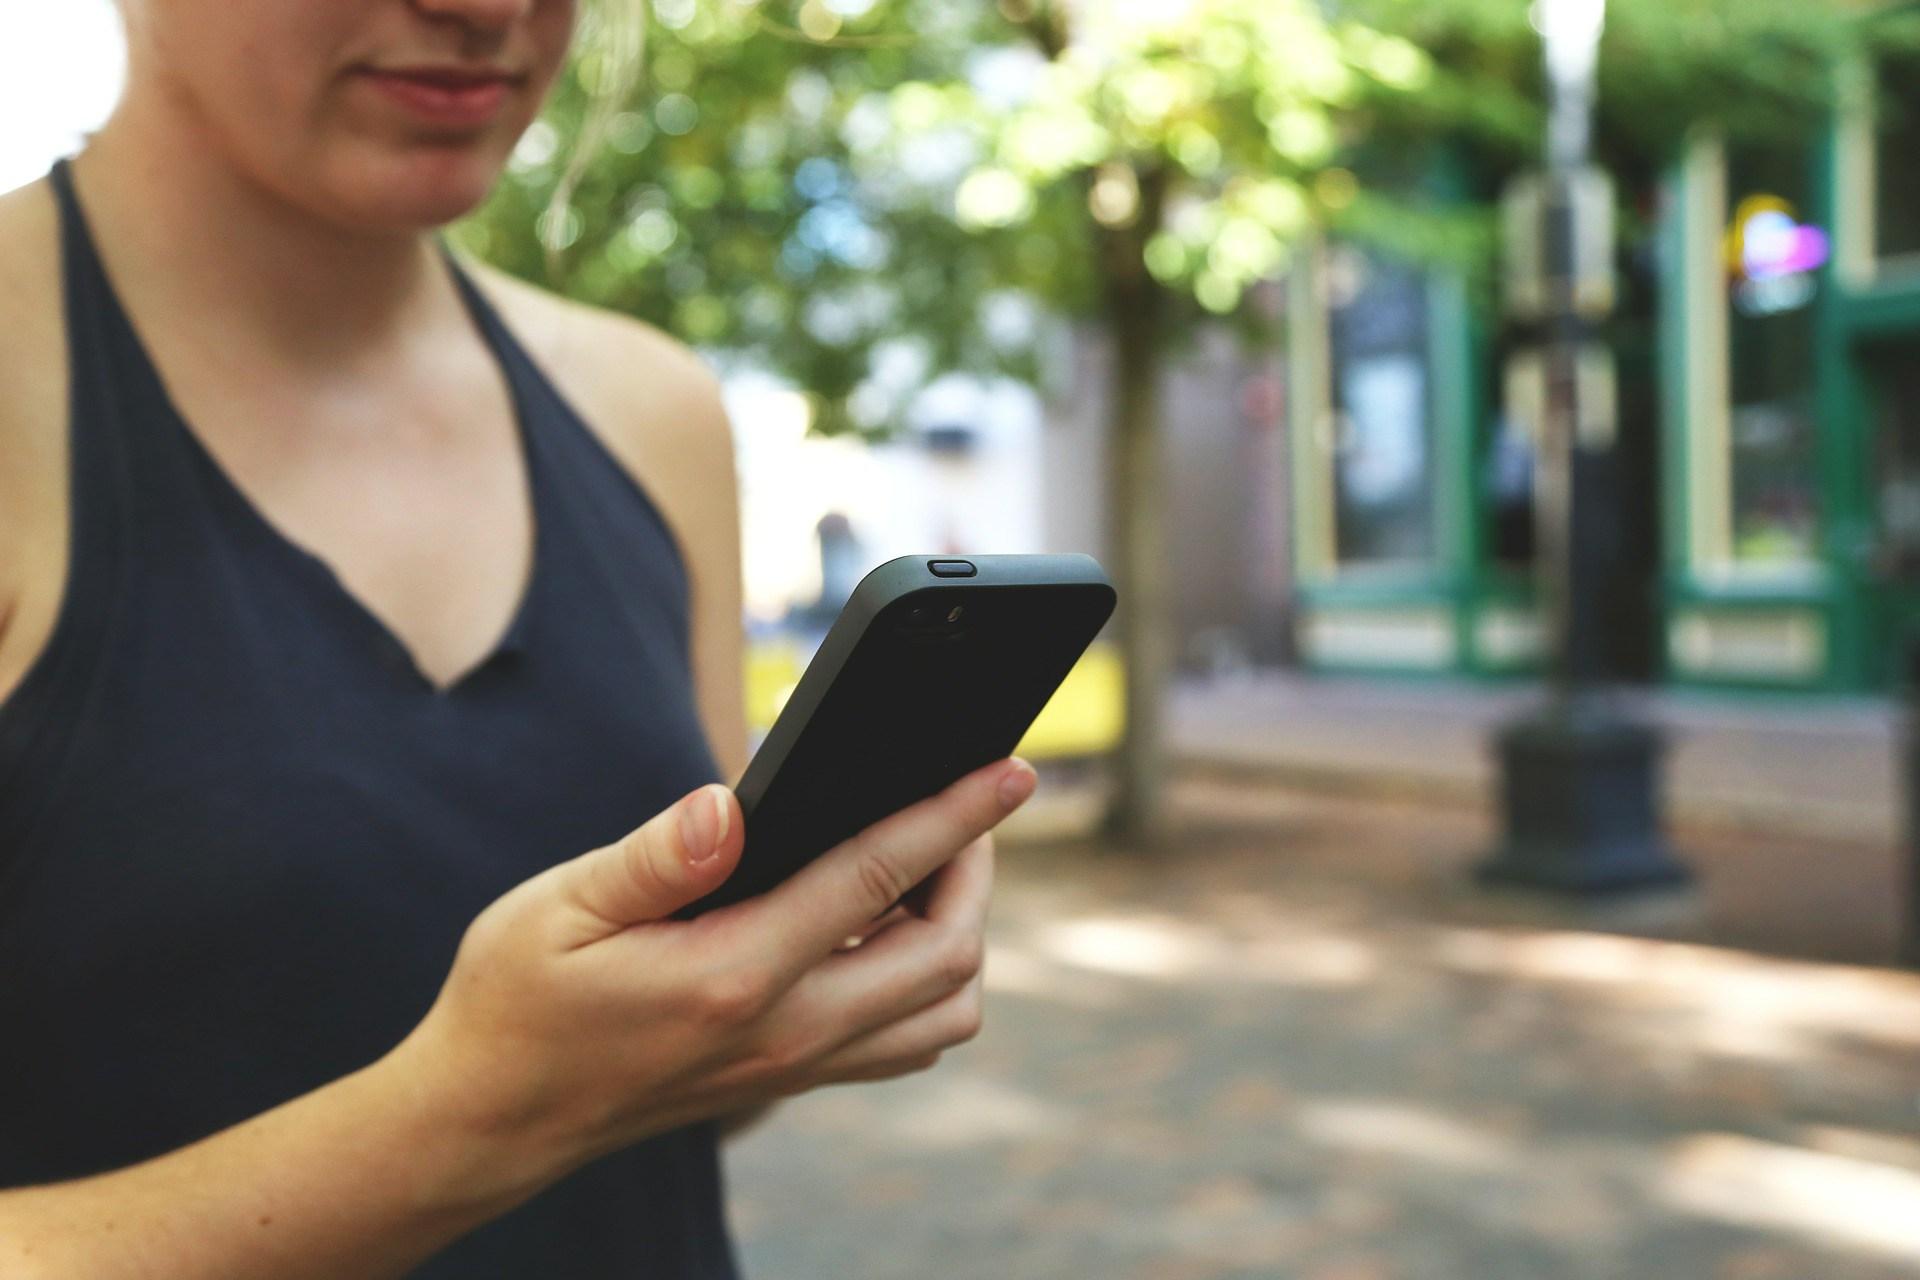 Tariffe low cost mobile: confronto delle migliori offerte